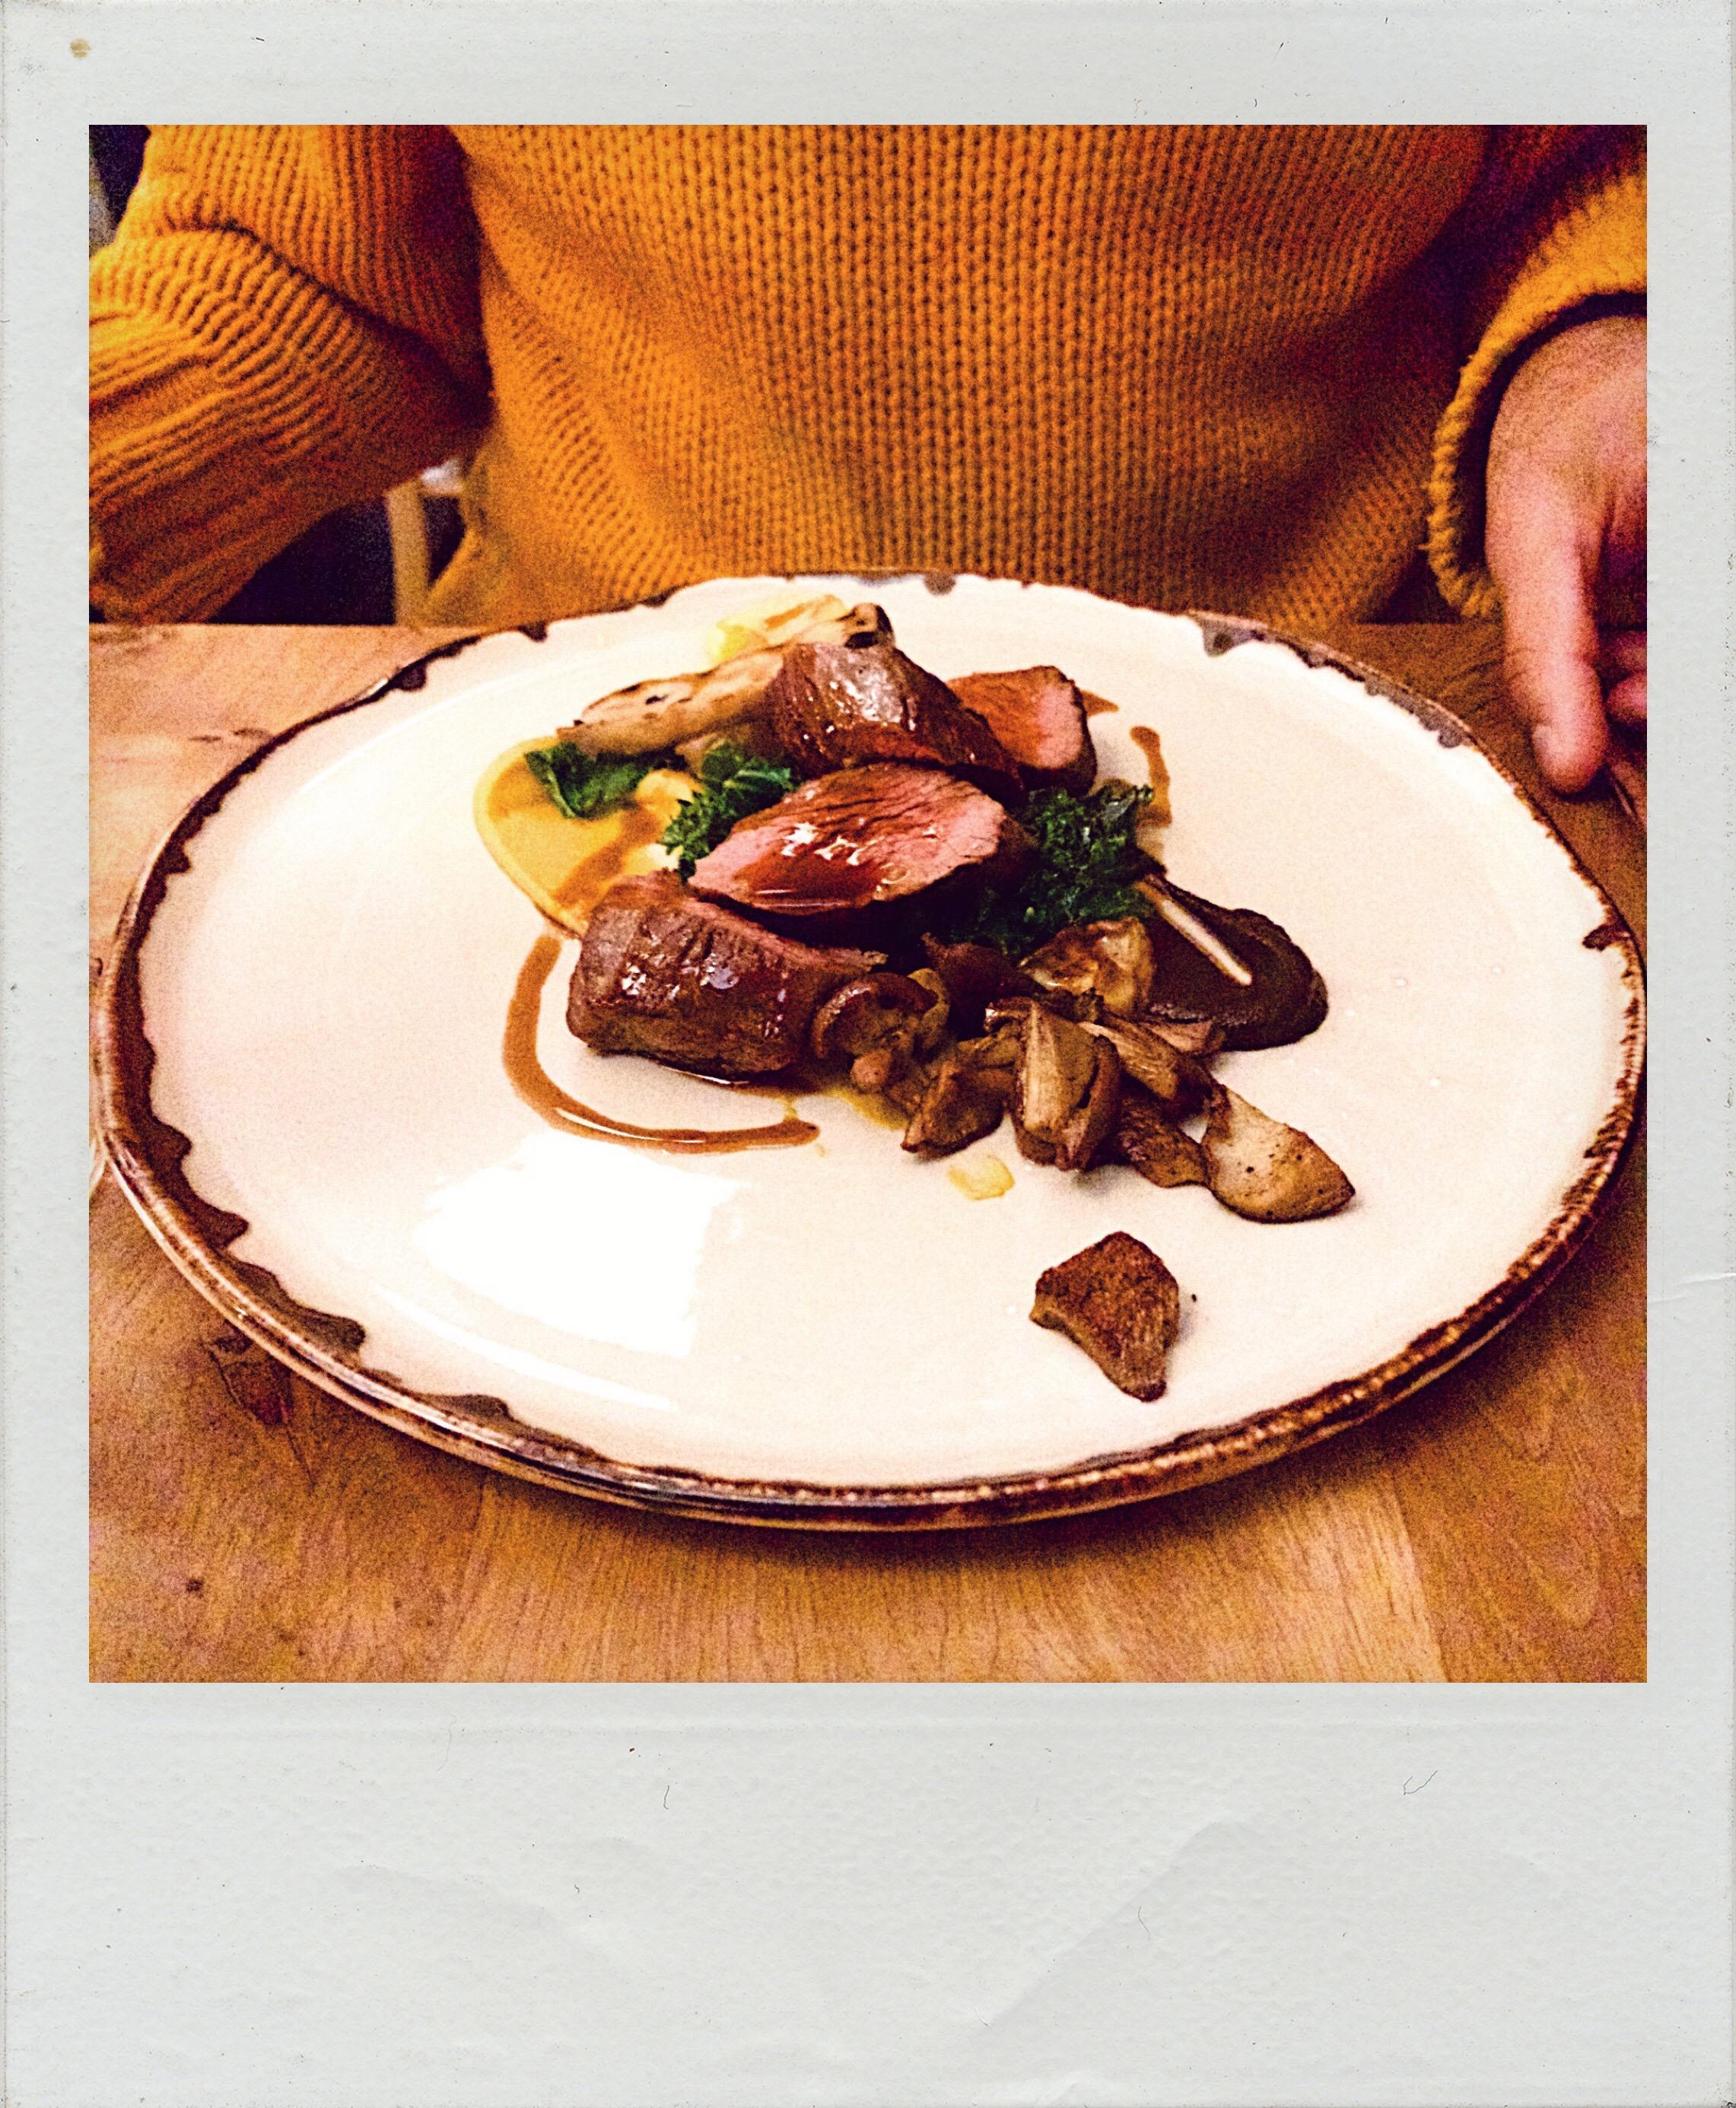 Lovage Restaurant Edinburgh, rump steak with oyster